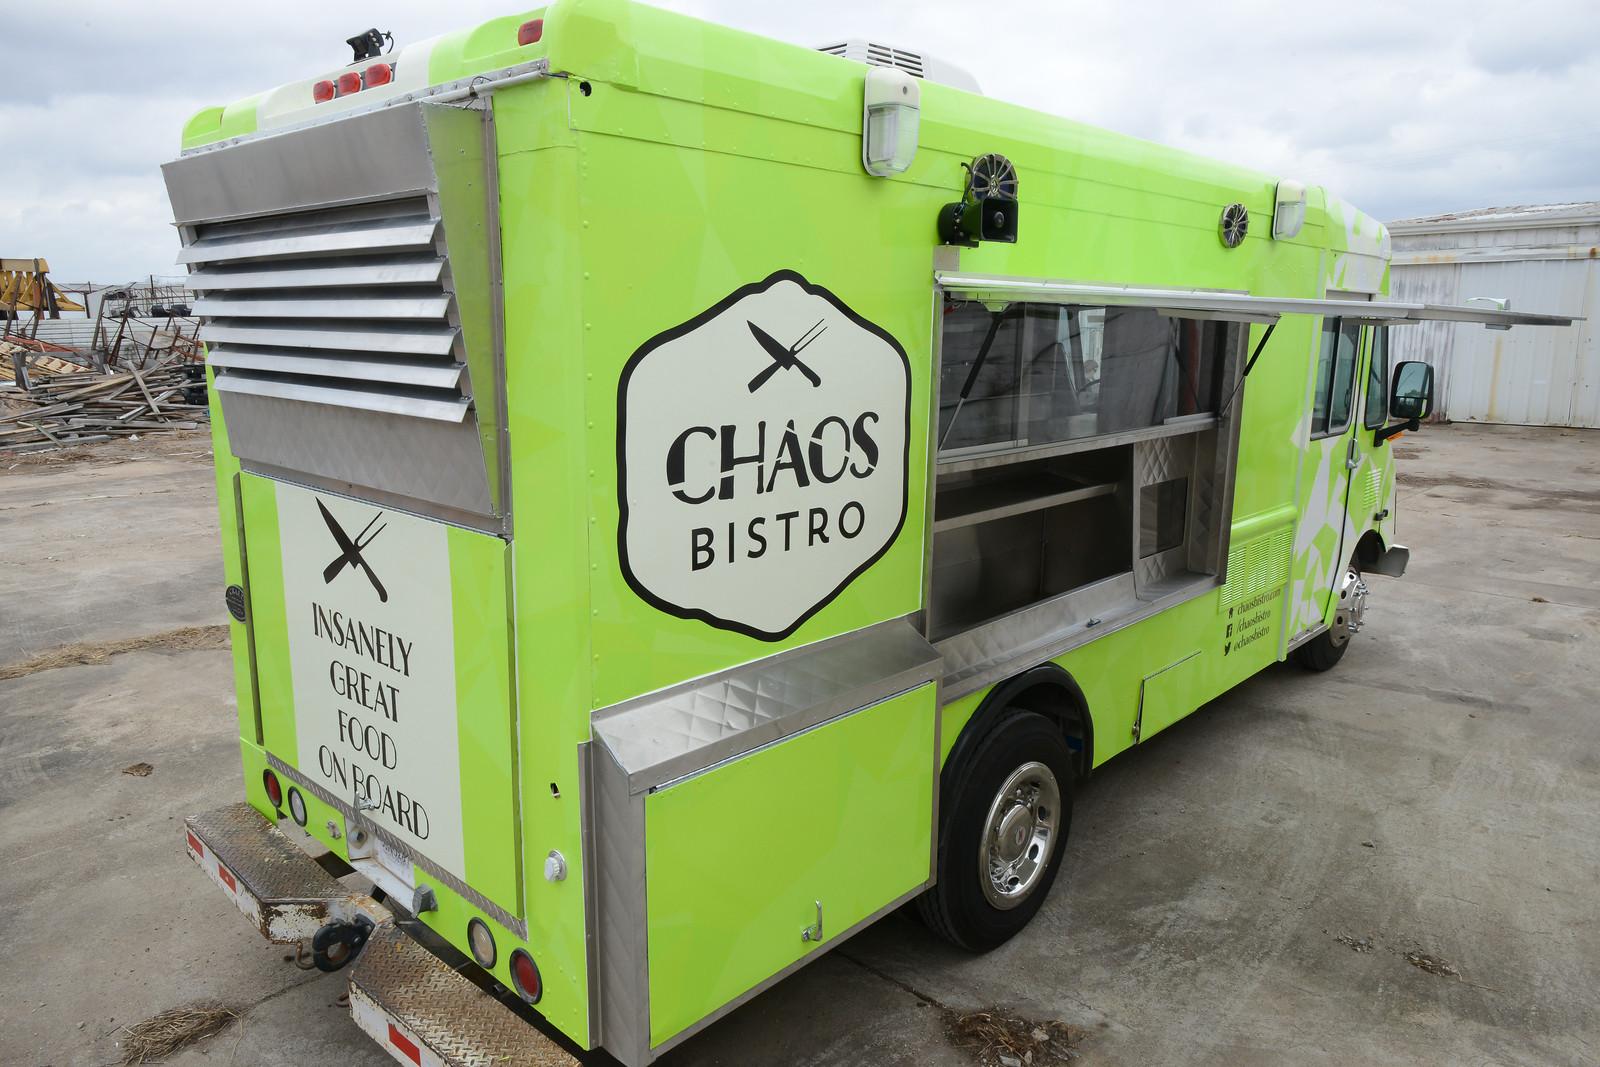 Chaos Bistro – Food Truck Branding